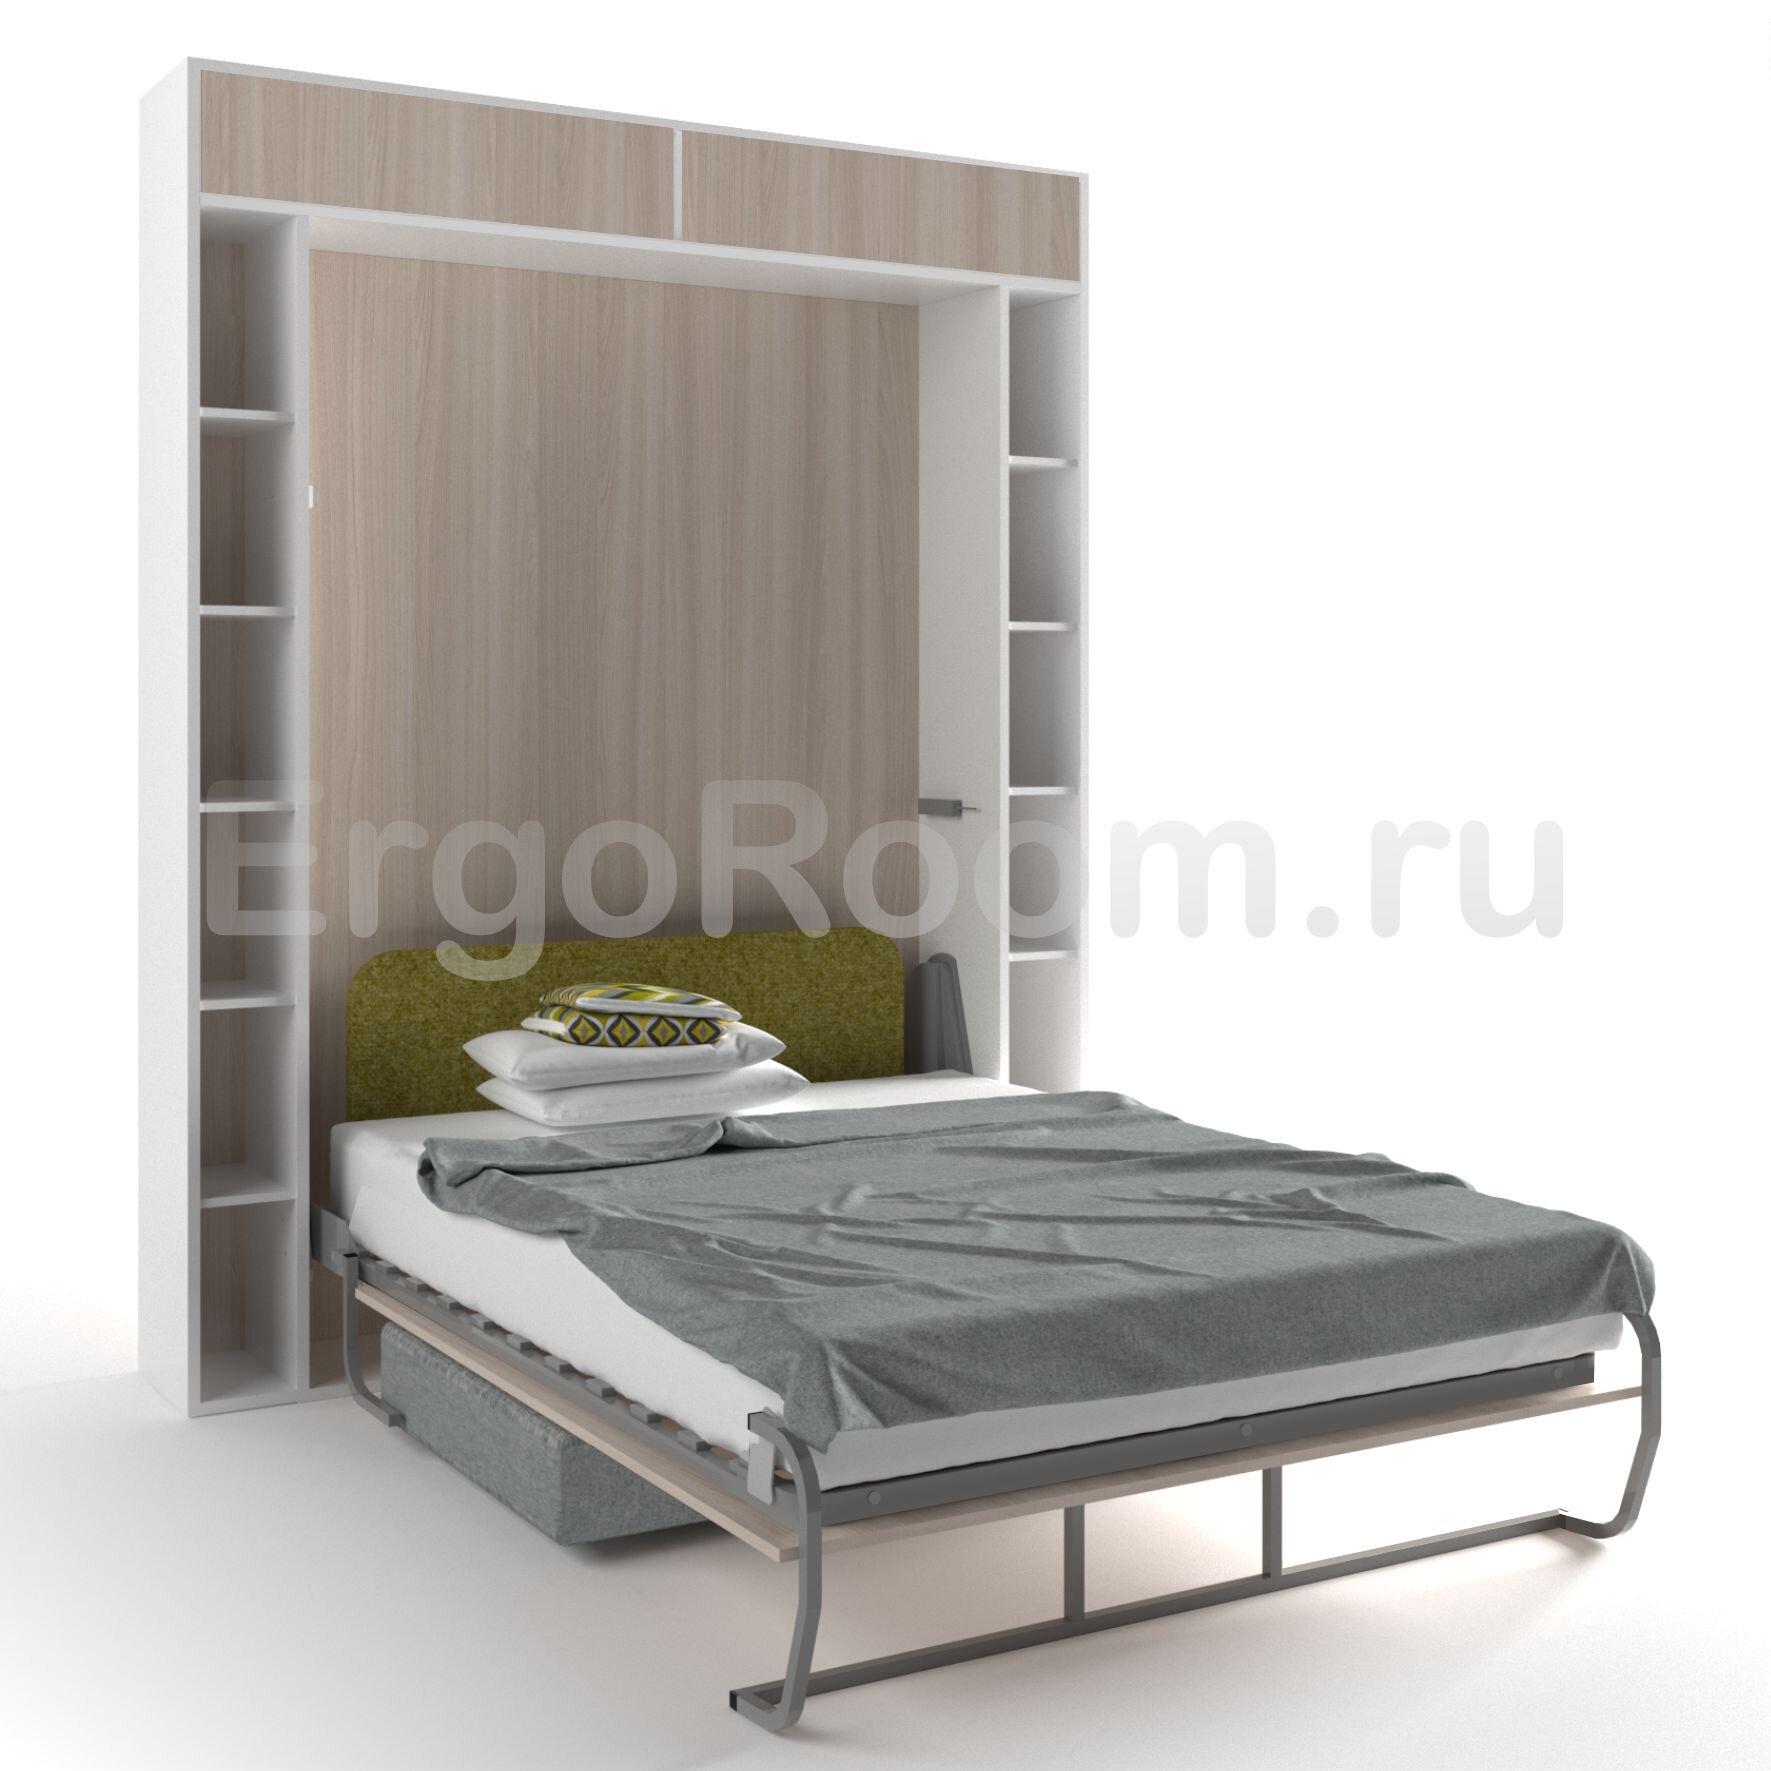 шкаф кровать трансформер купите у производителя в спб недорого